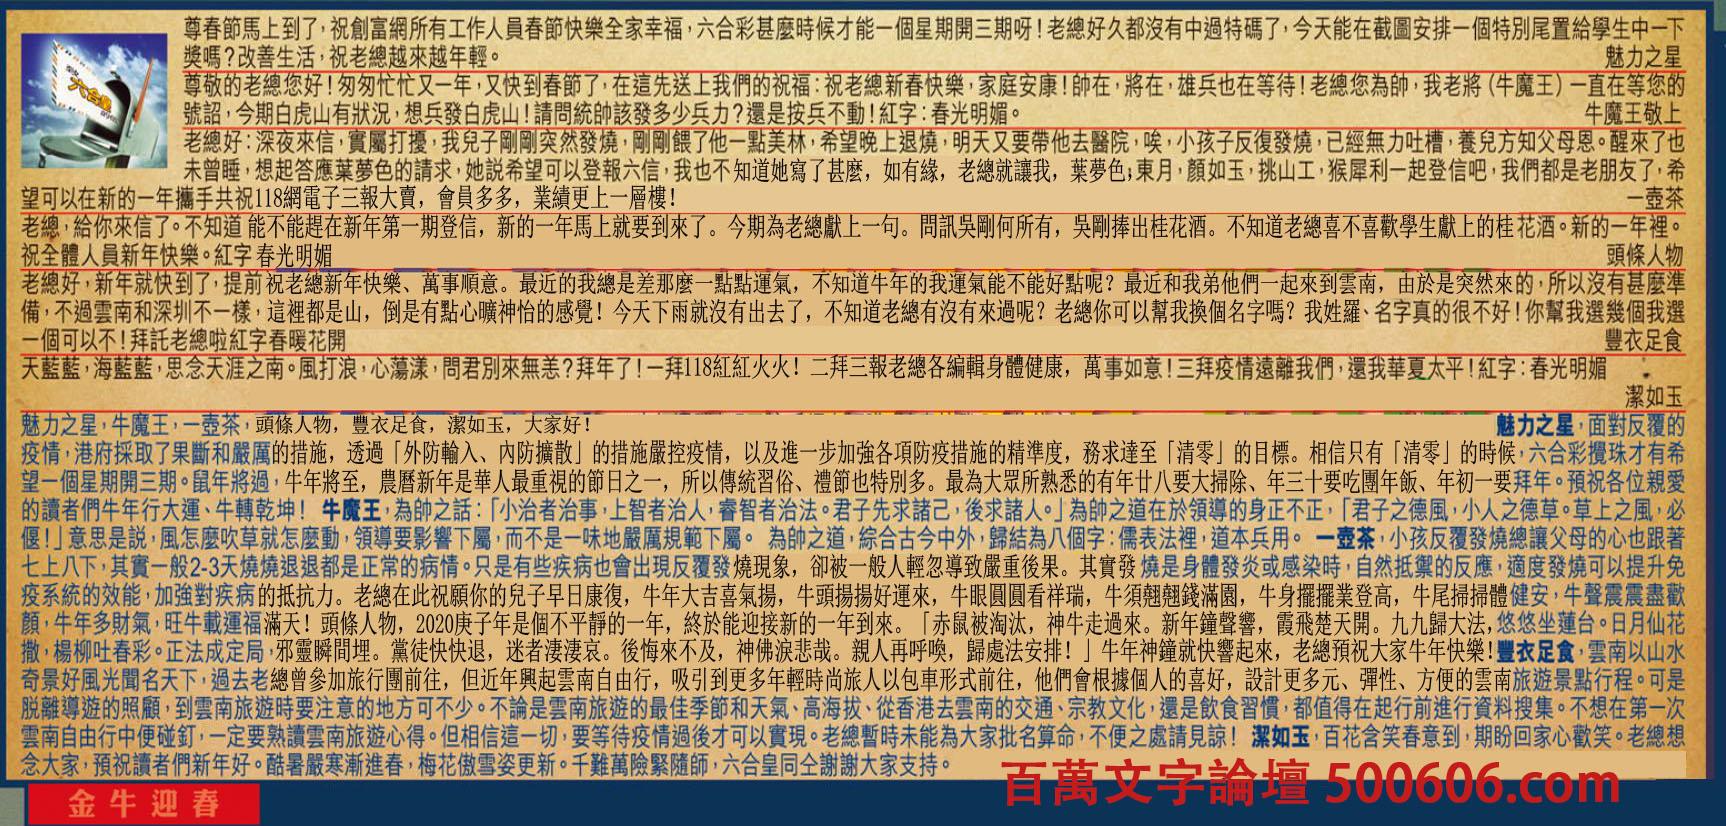 013期:彩民推荐六合皇信箱(紅字:金牛迎春)